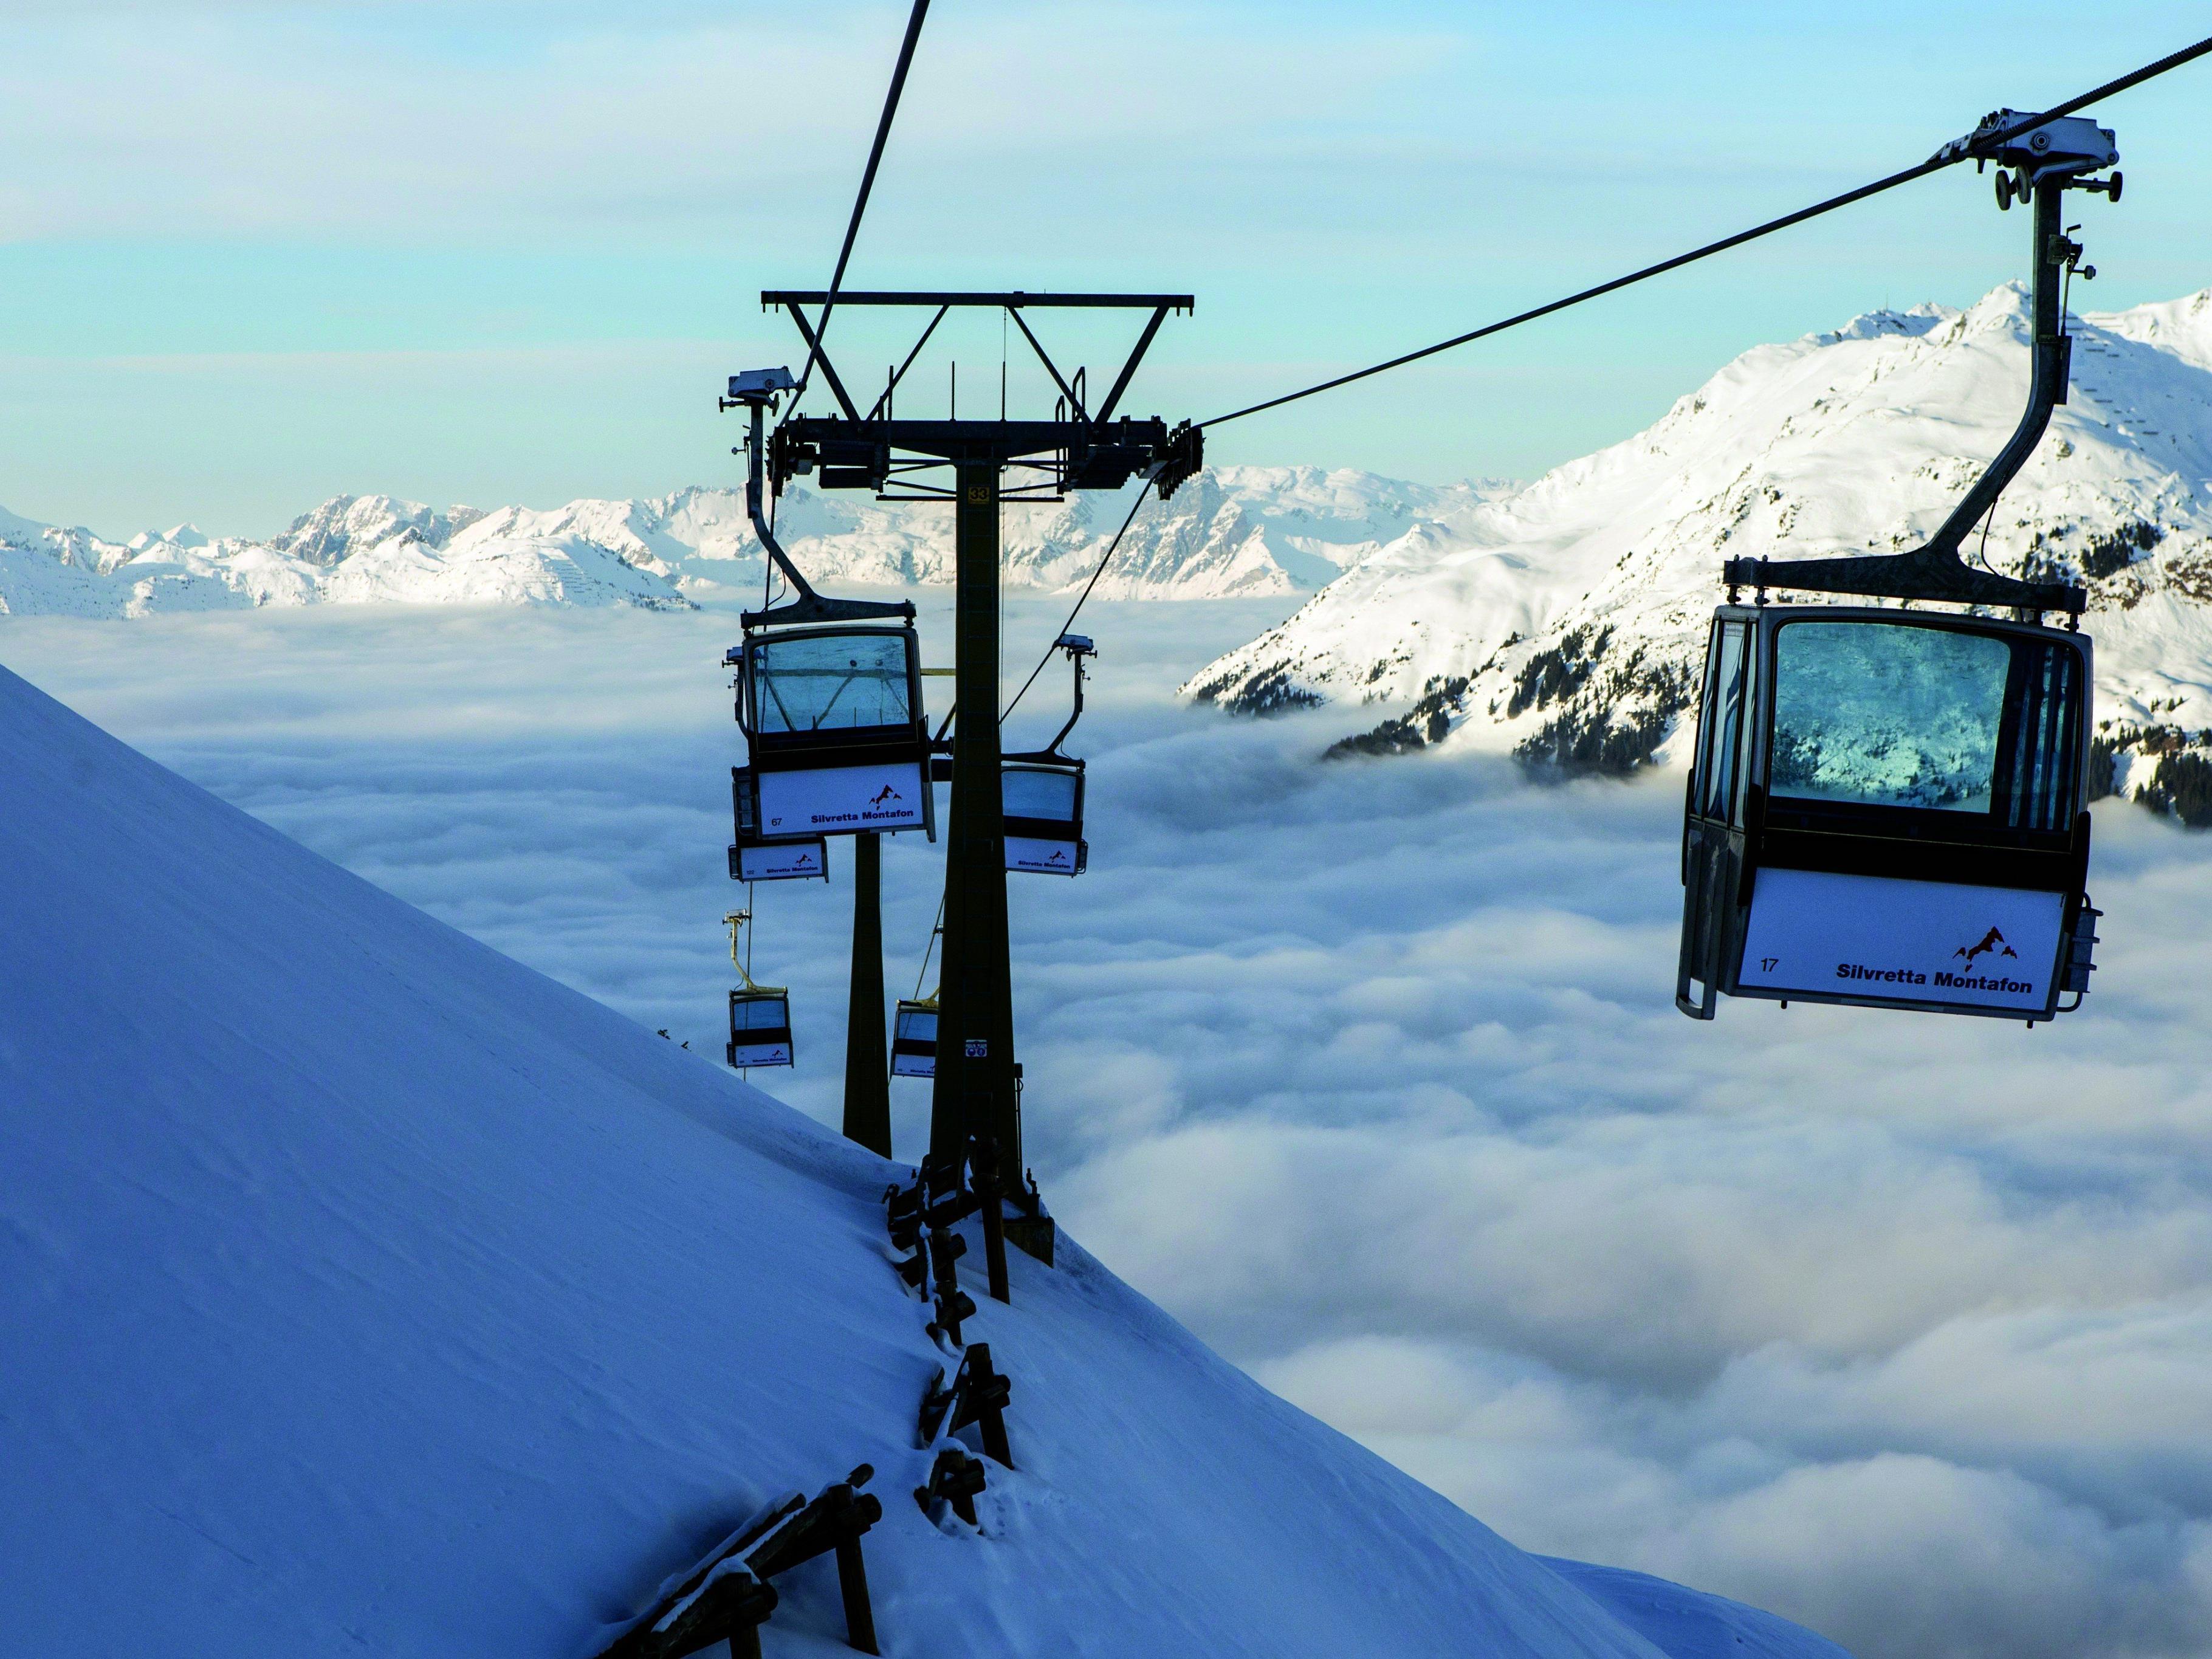 Die Valiserabahn ist eine der ältesten Bahnen im Skigebiet, eine Moderniserung ist unabdingbar.